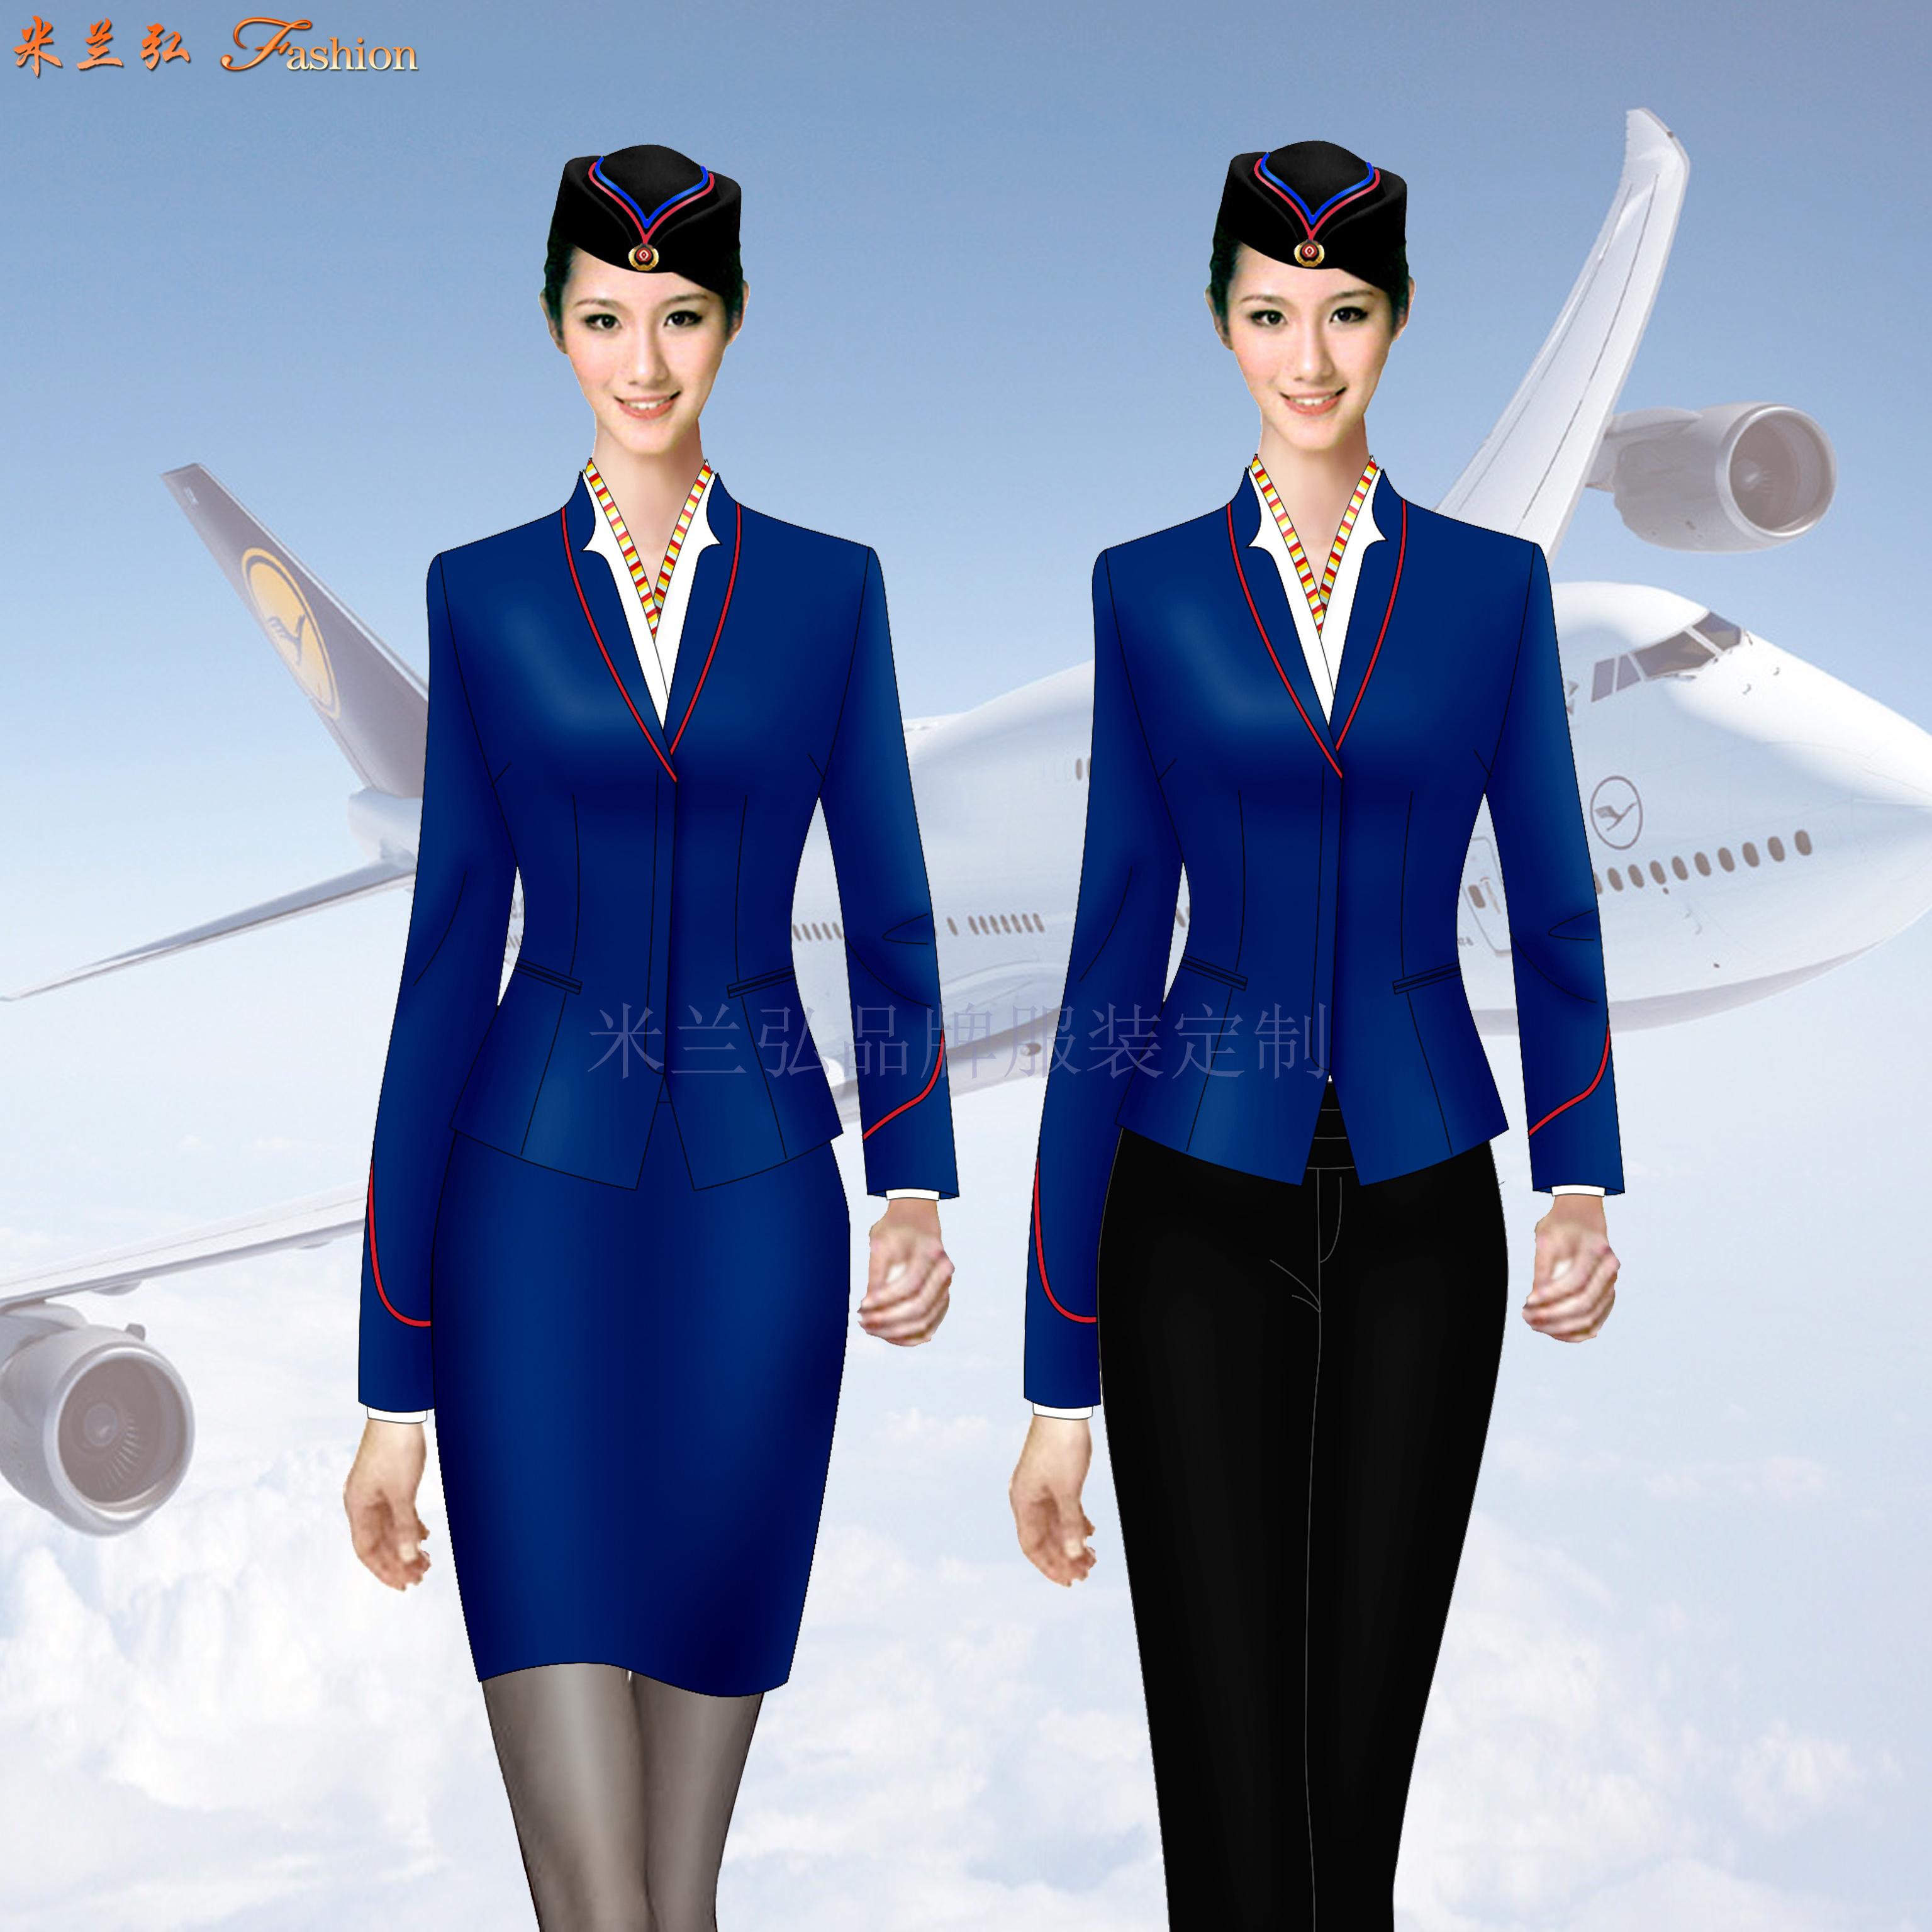 「空姐服」銀川量體定做航空公司空姐服-米蘭弘服裝-2